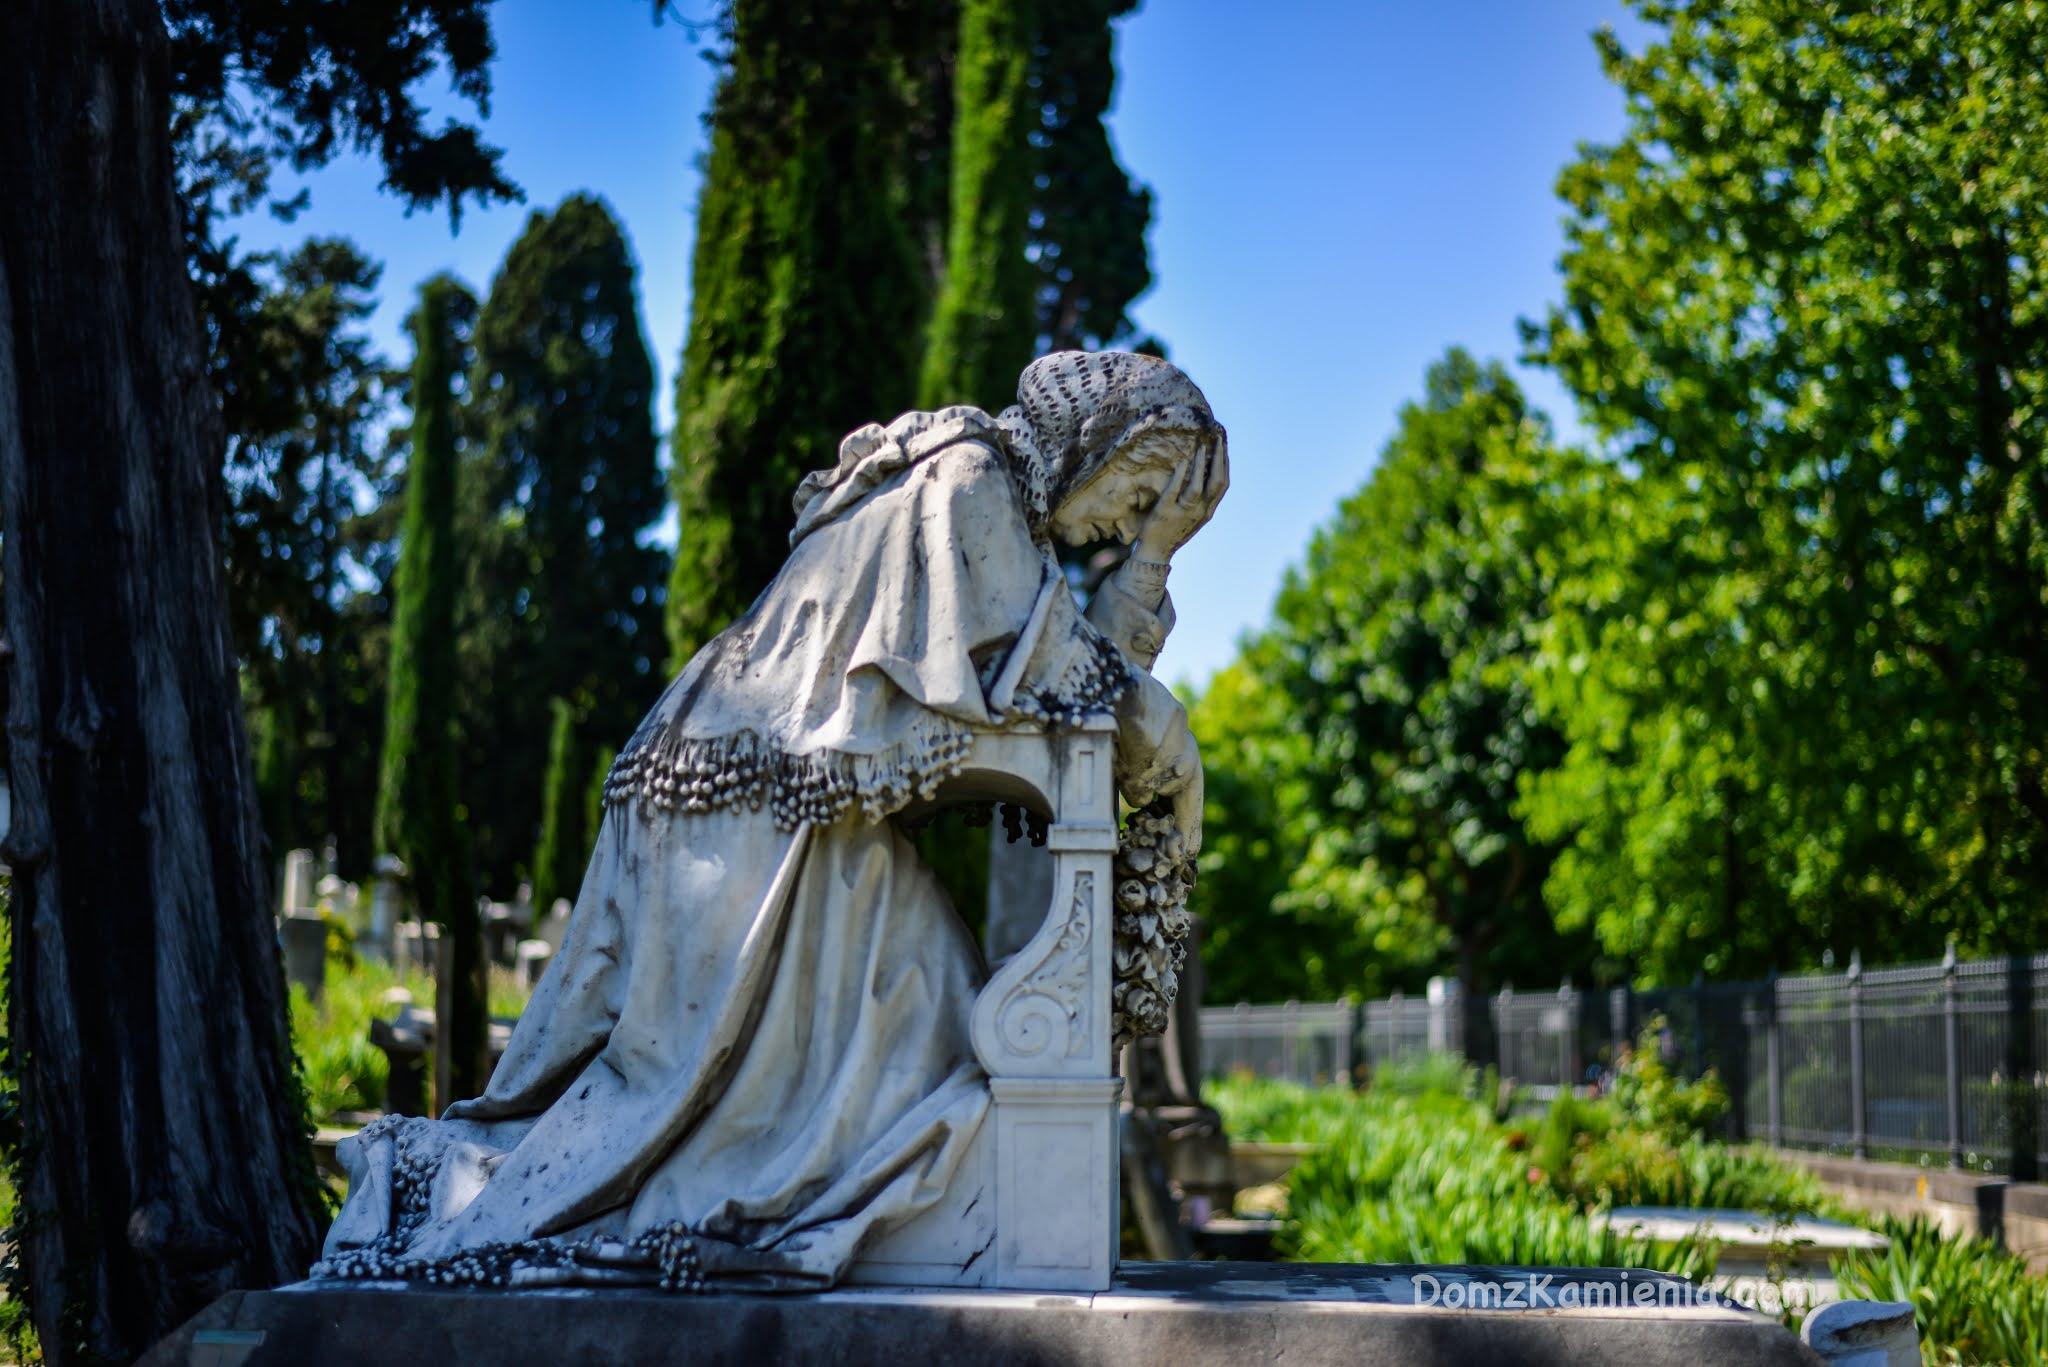 Cmentarz Anglików, Dom z Kamienia blog